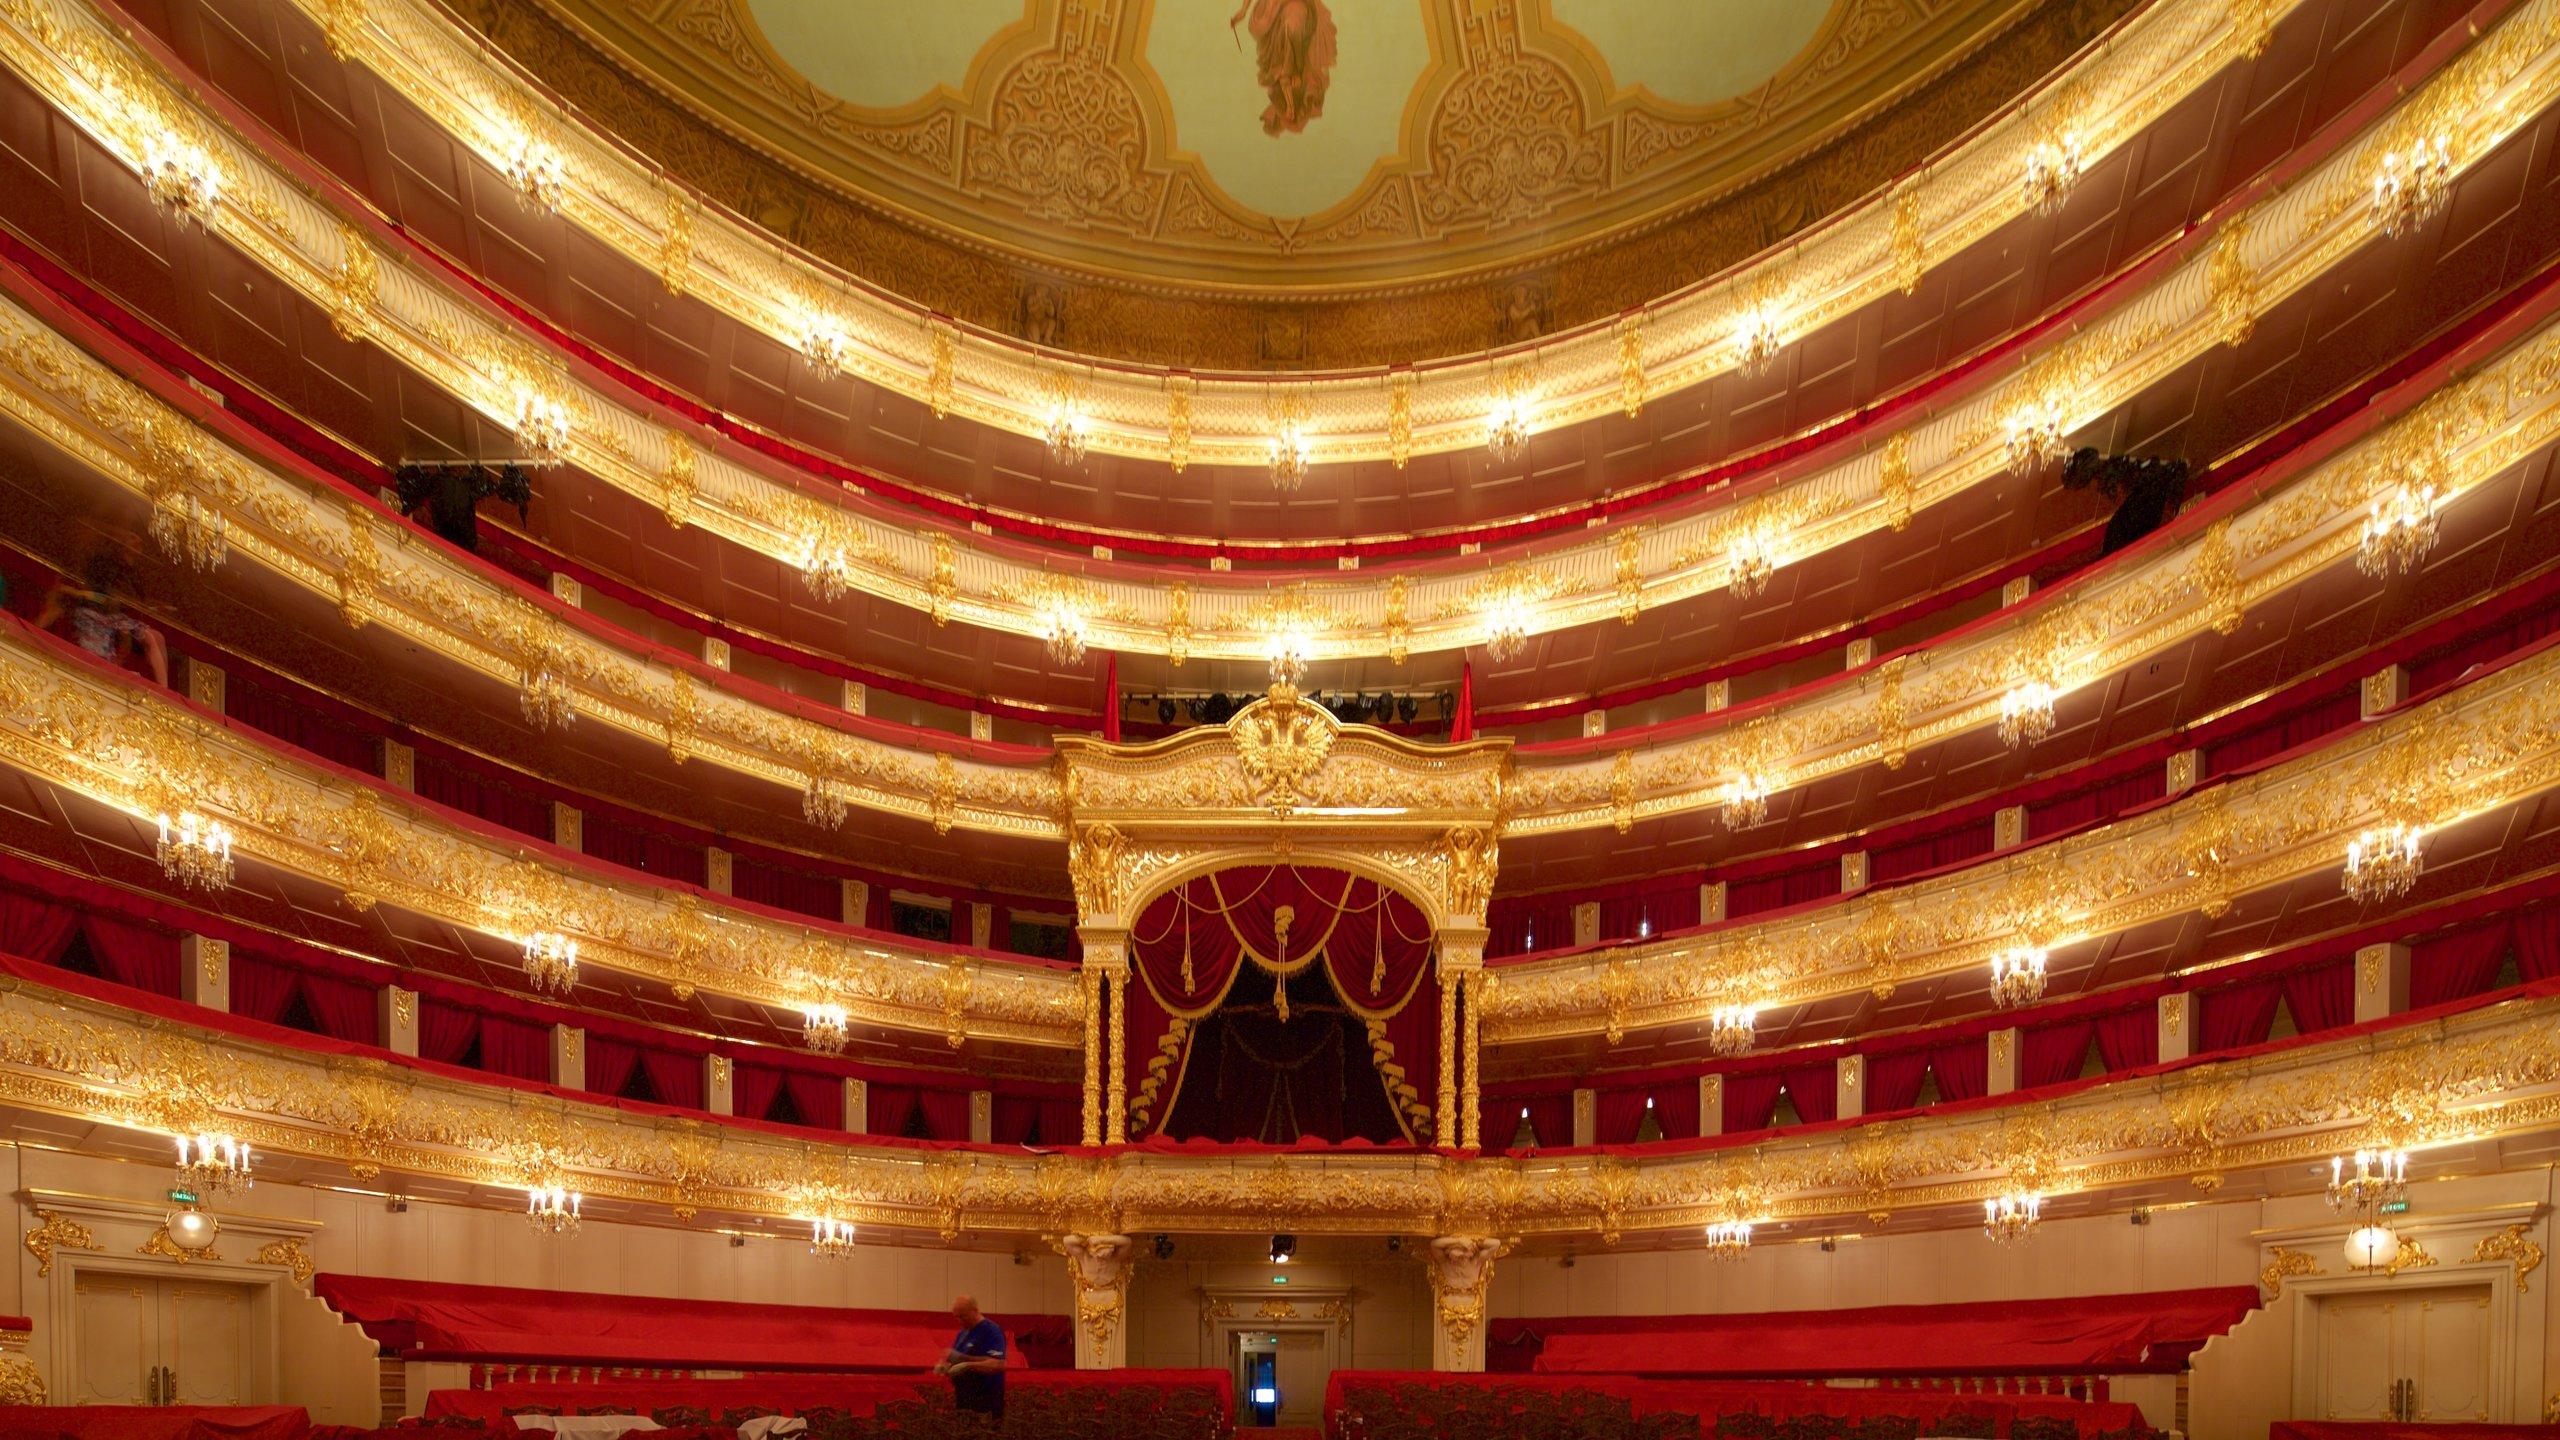 Si eres un amante del teatro y tienes previsto viajar a Moscú, no puedes perderte esta pieza central de la escena artística rusa, cuyo magnífico auditorio y sus destacadas producciones te dejarán sin palabras.